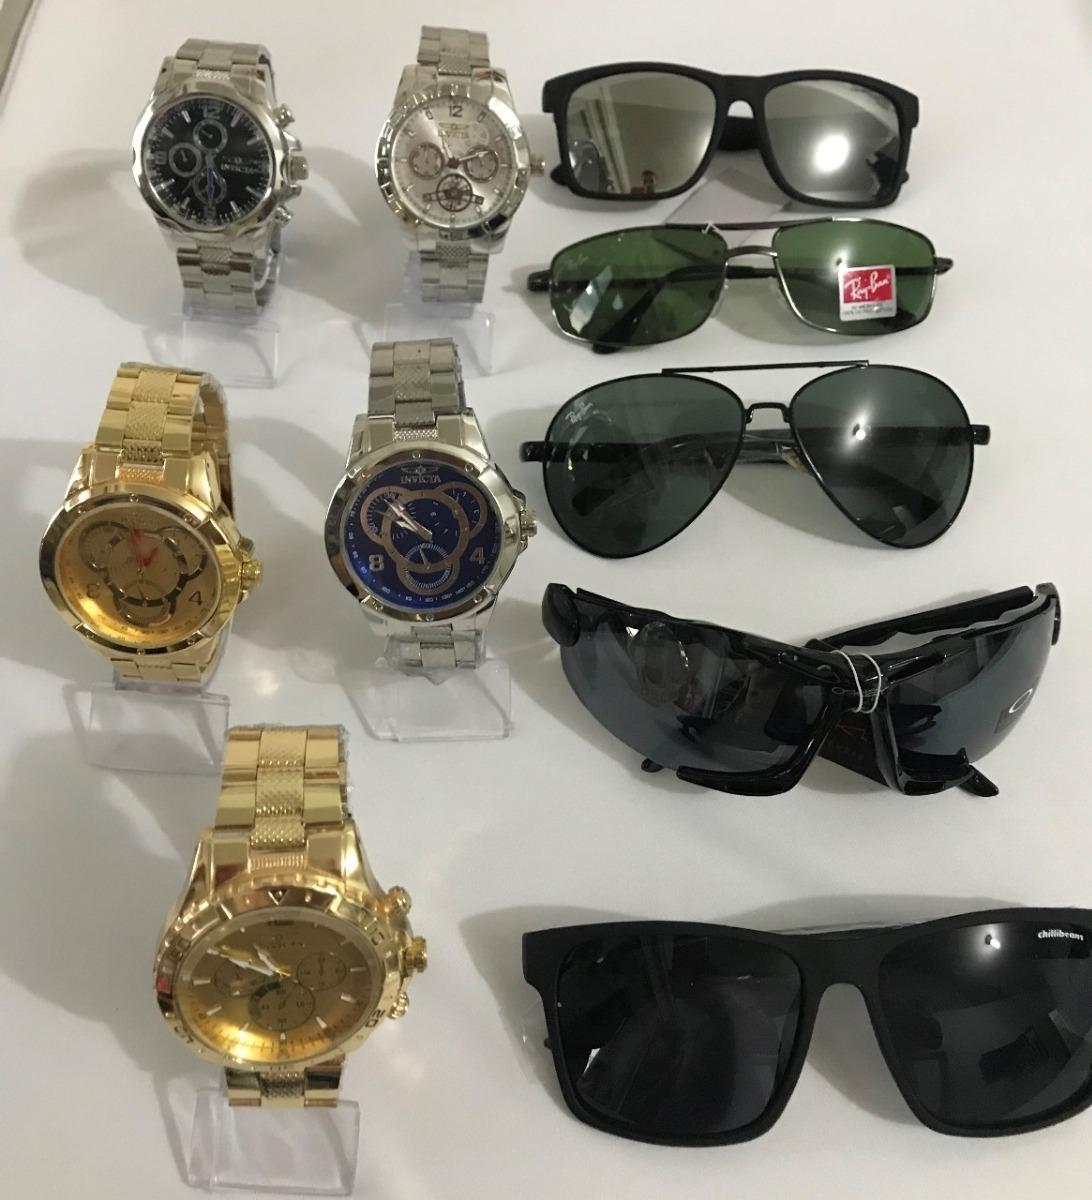 3a220a7a9641a Kit 5 Relógios Masculinos + 5 Óculos De Qualidade P  Revenda - R ...